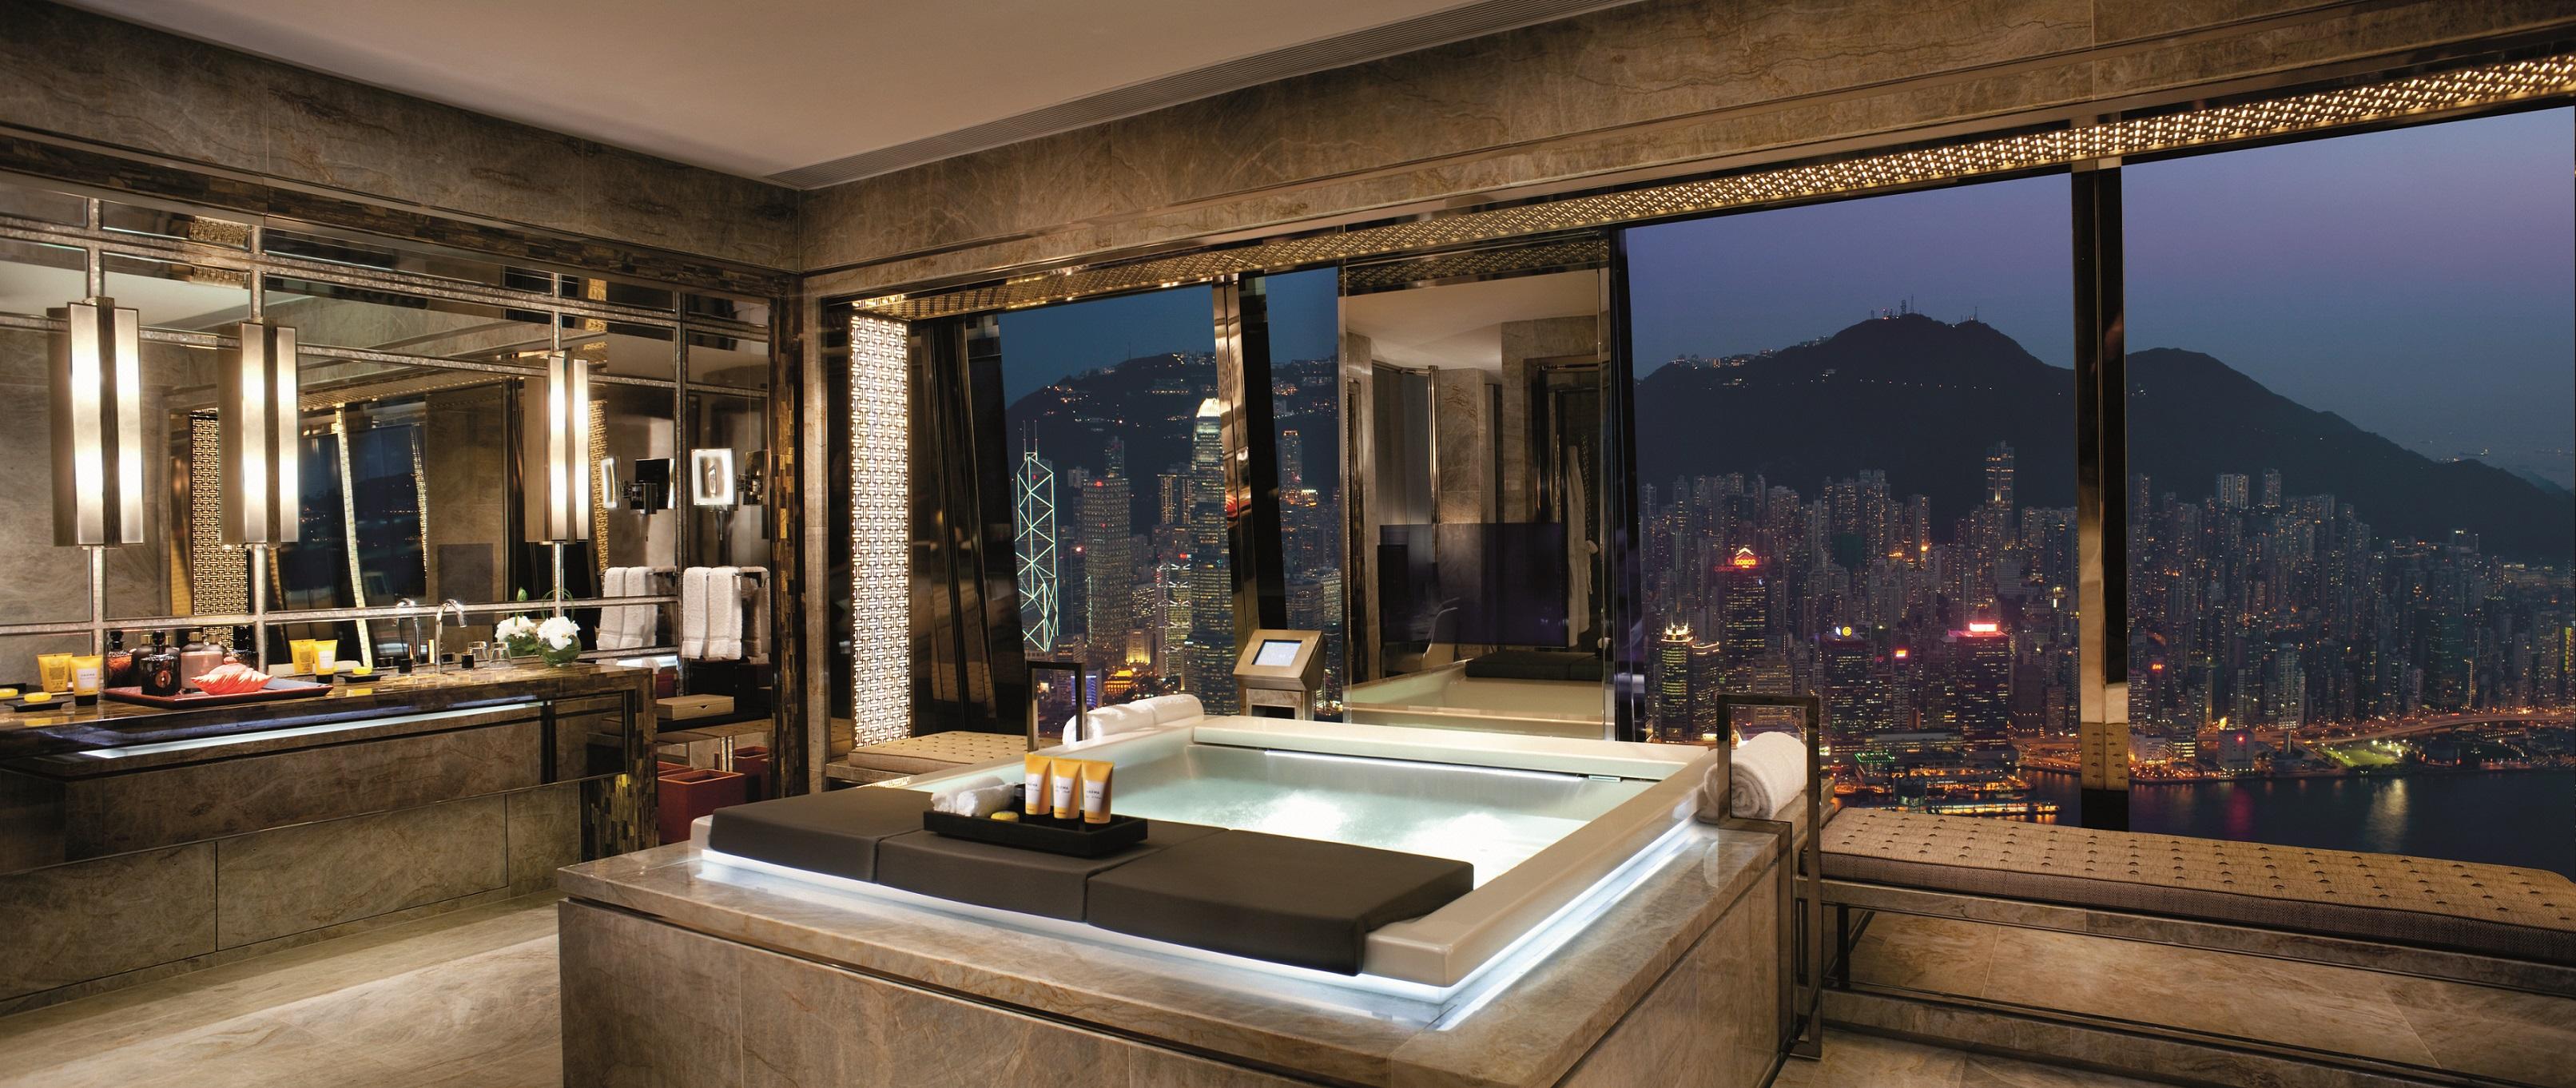 The-Ritz-Carlton-Suite-Victoria-Harbour-Bathroom-1